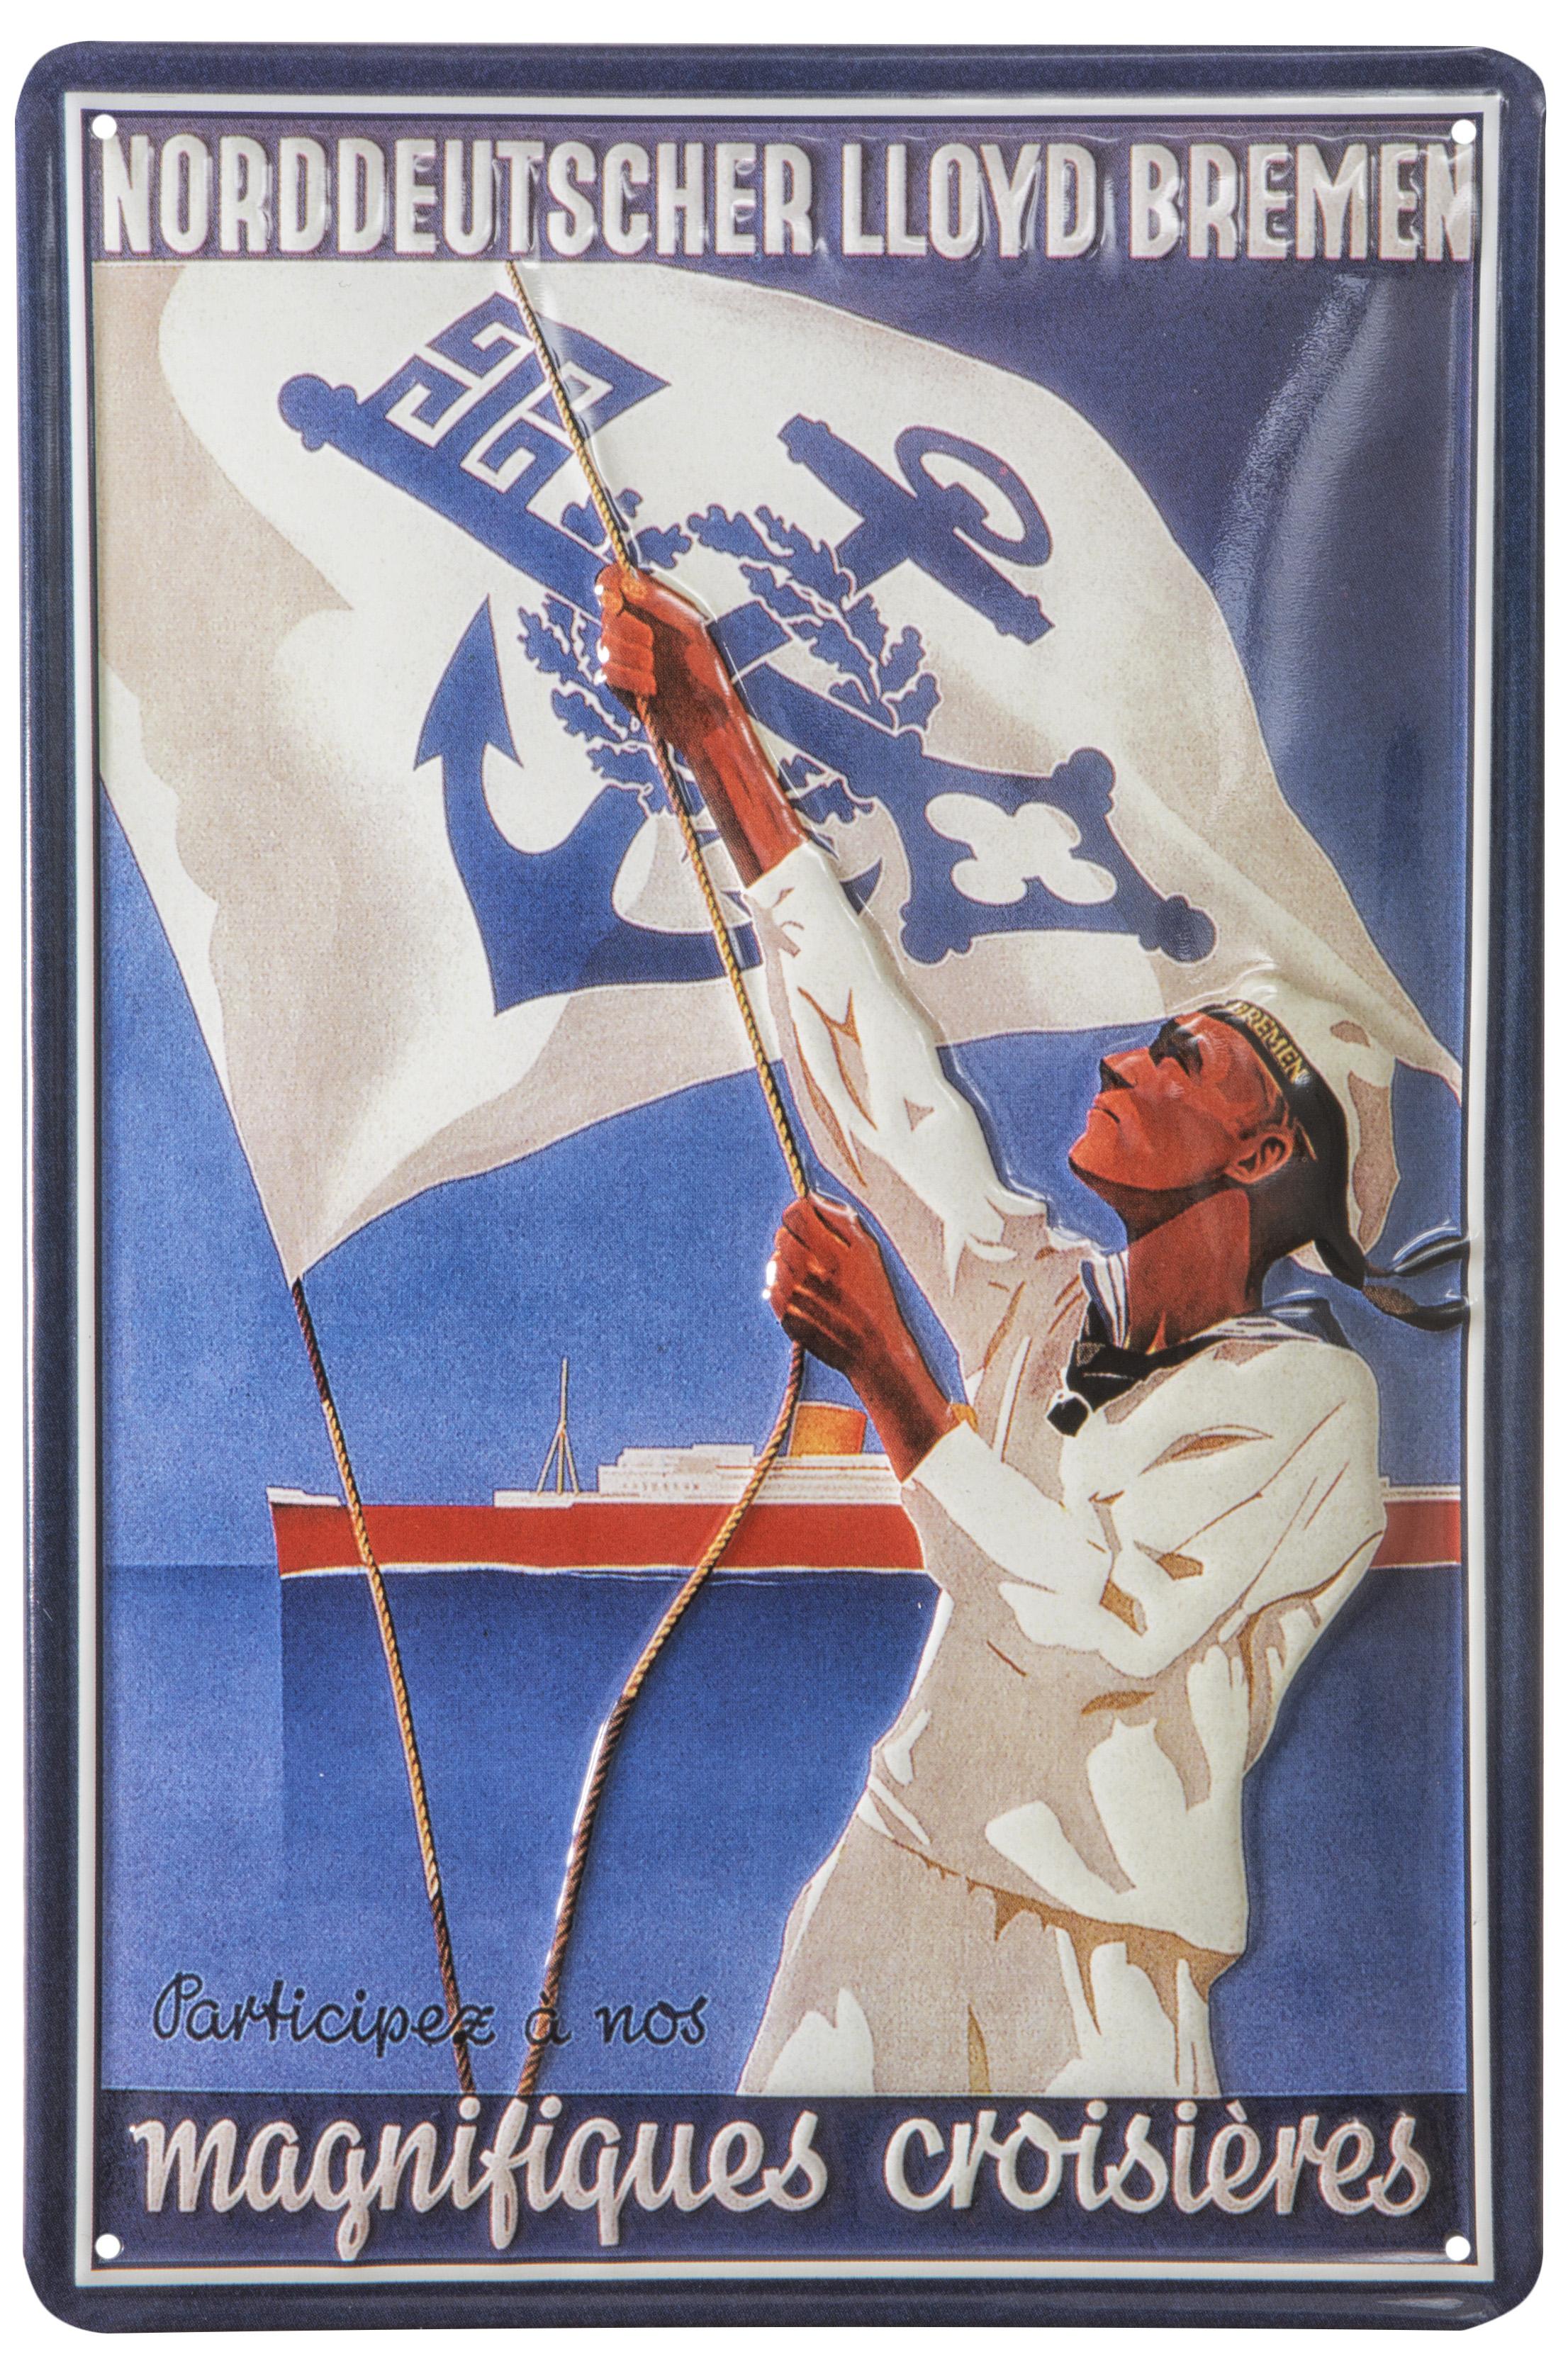 Nostalgieschild blechschild nostalgieschilder for Maritime wohnaccessoires